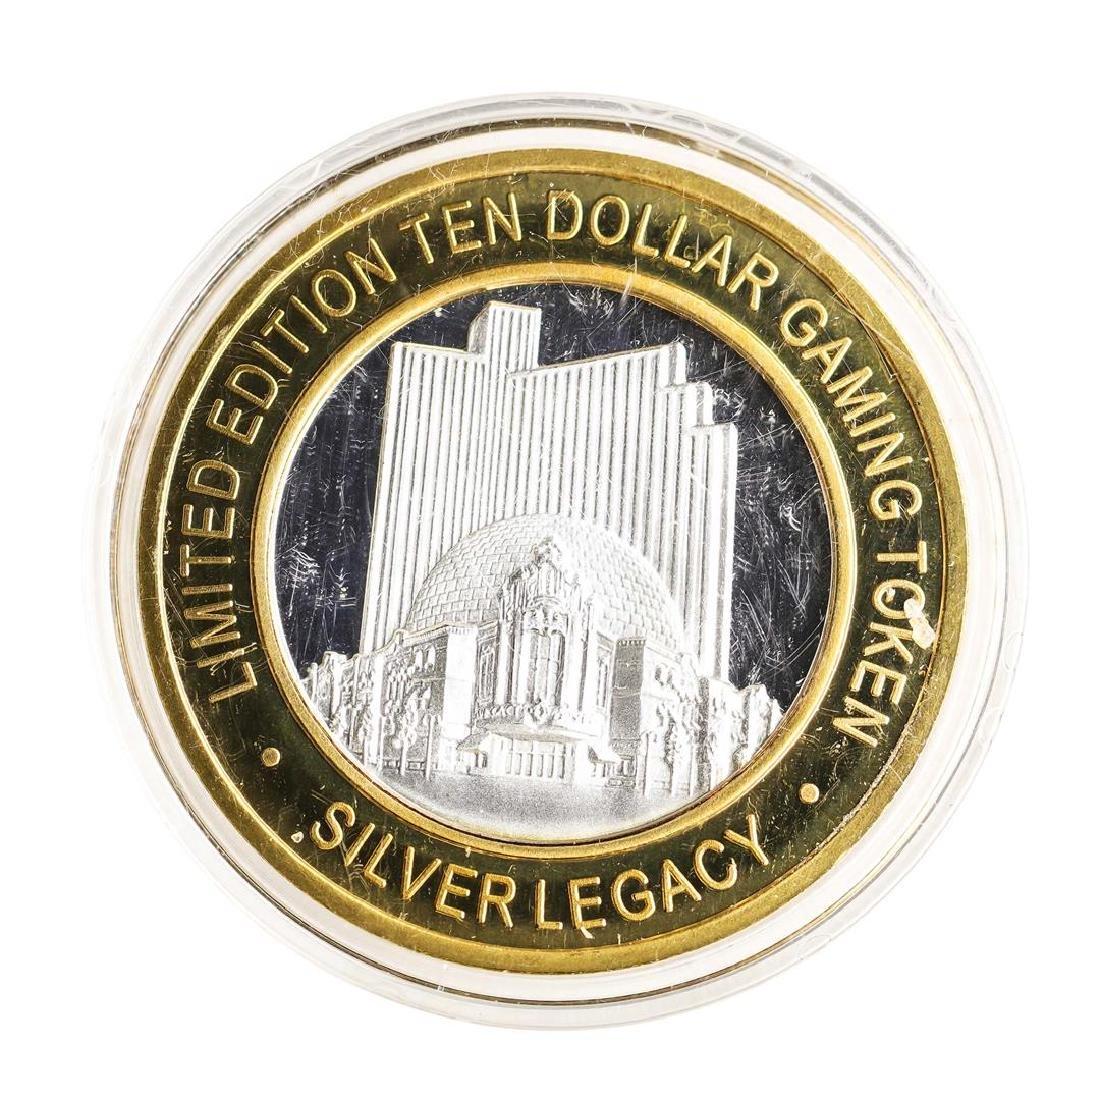 .999 Silver Silver Legacy Reno, Nevada $10 Casino